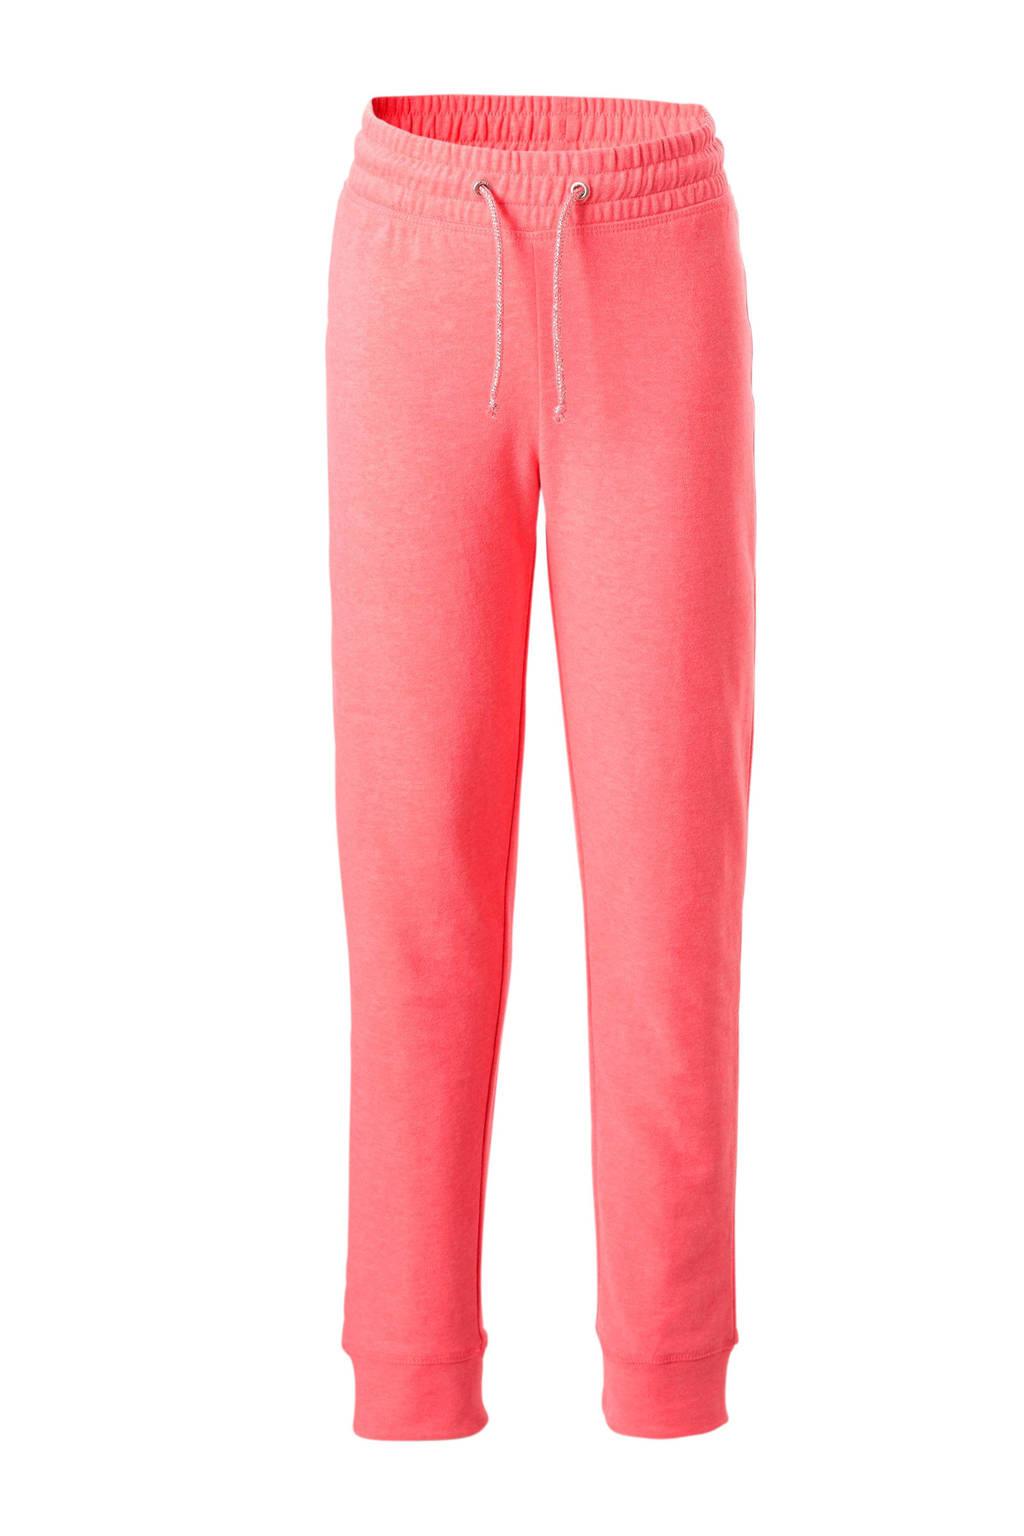 KIDSONLY joggingbroek Sound roze melange, Roze melange